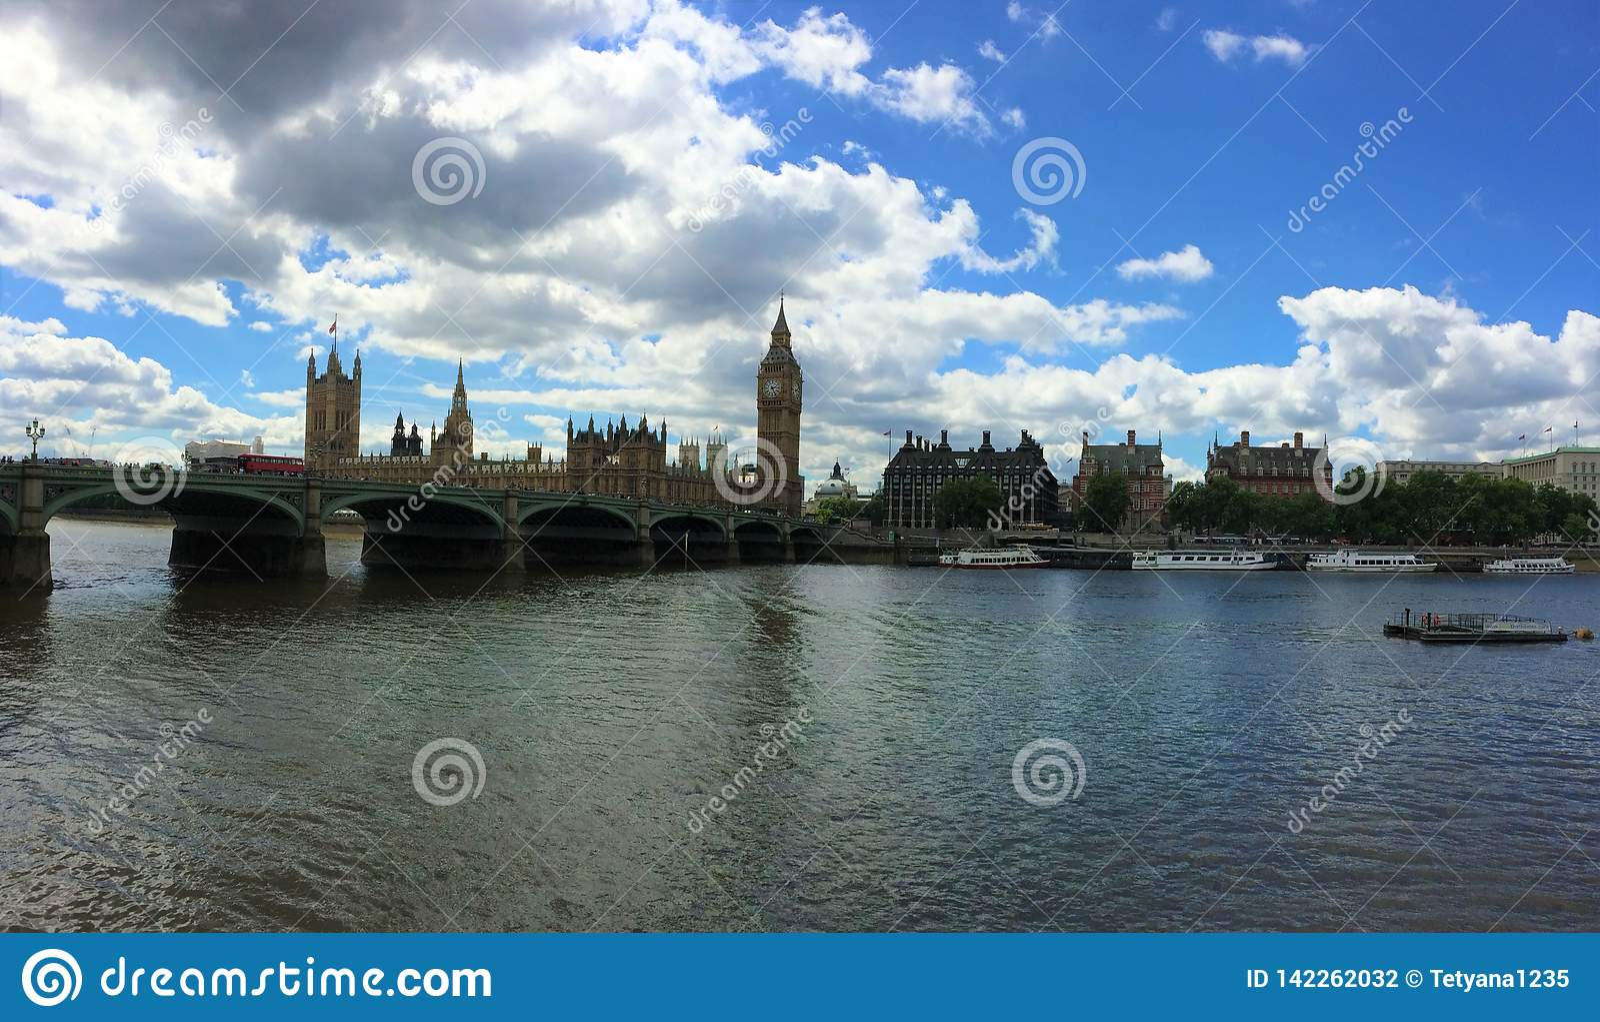 O palácio de Westminster - o parlamento do Reino Unido